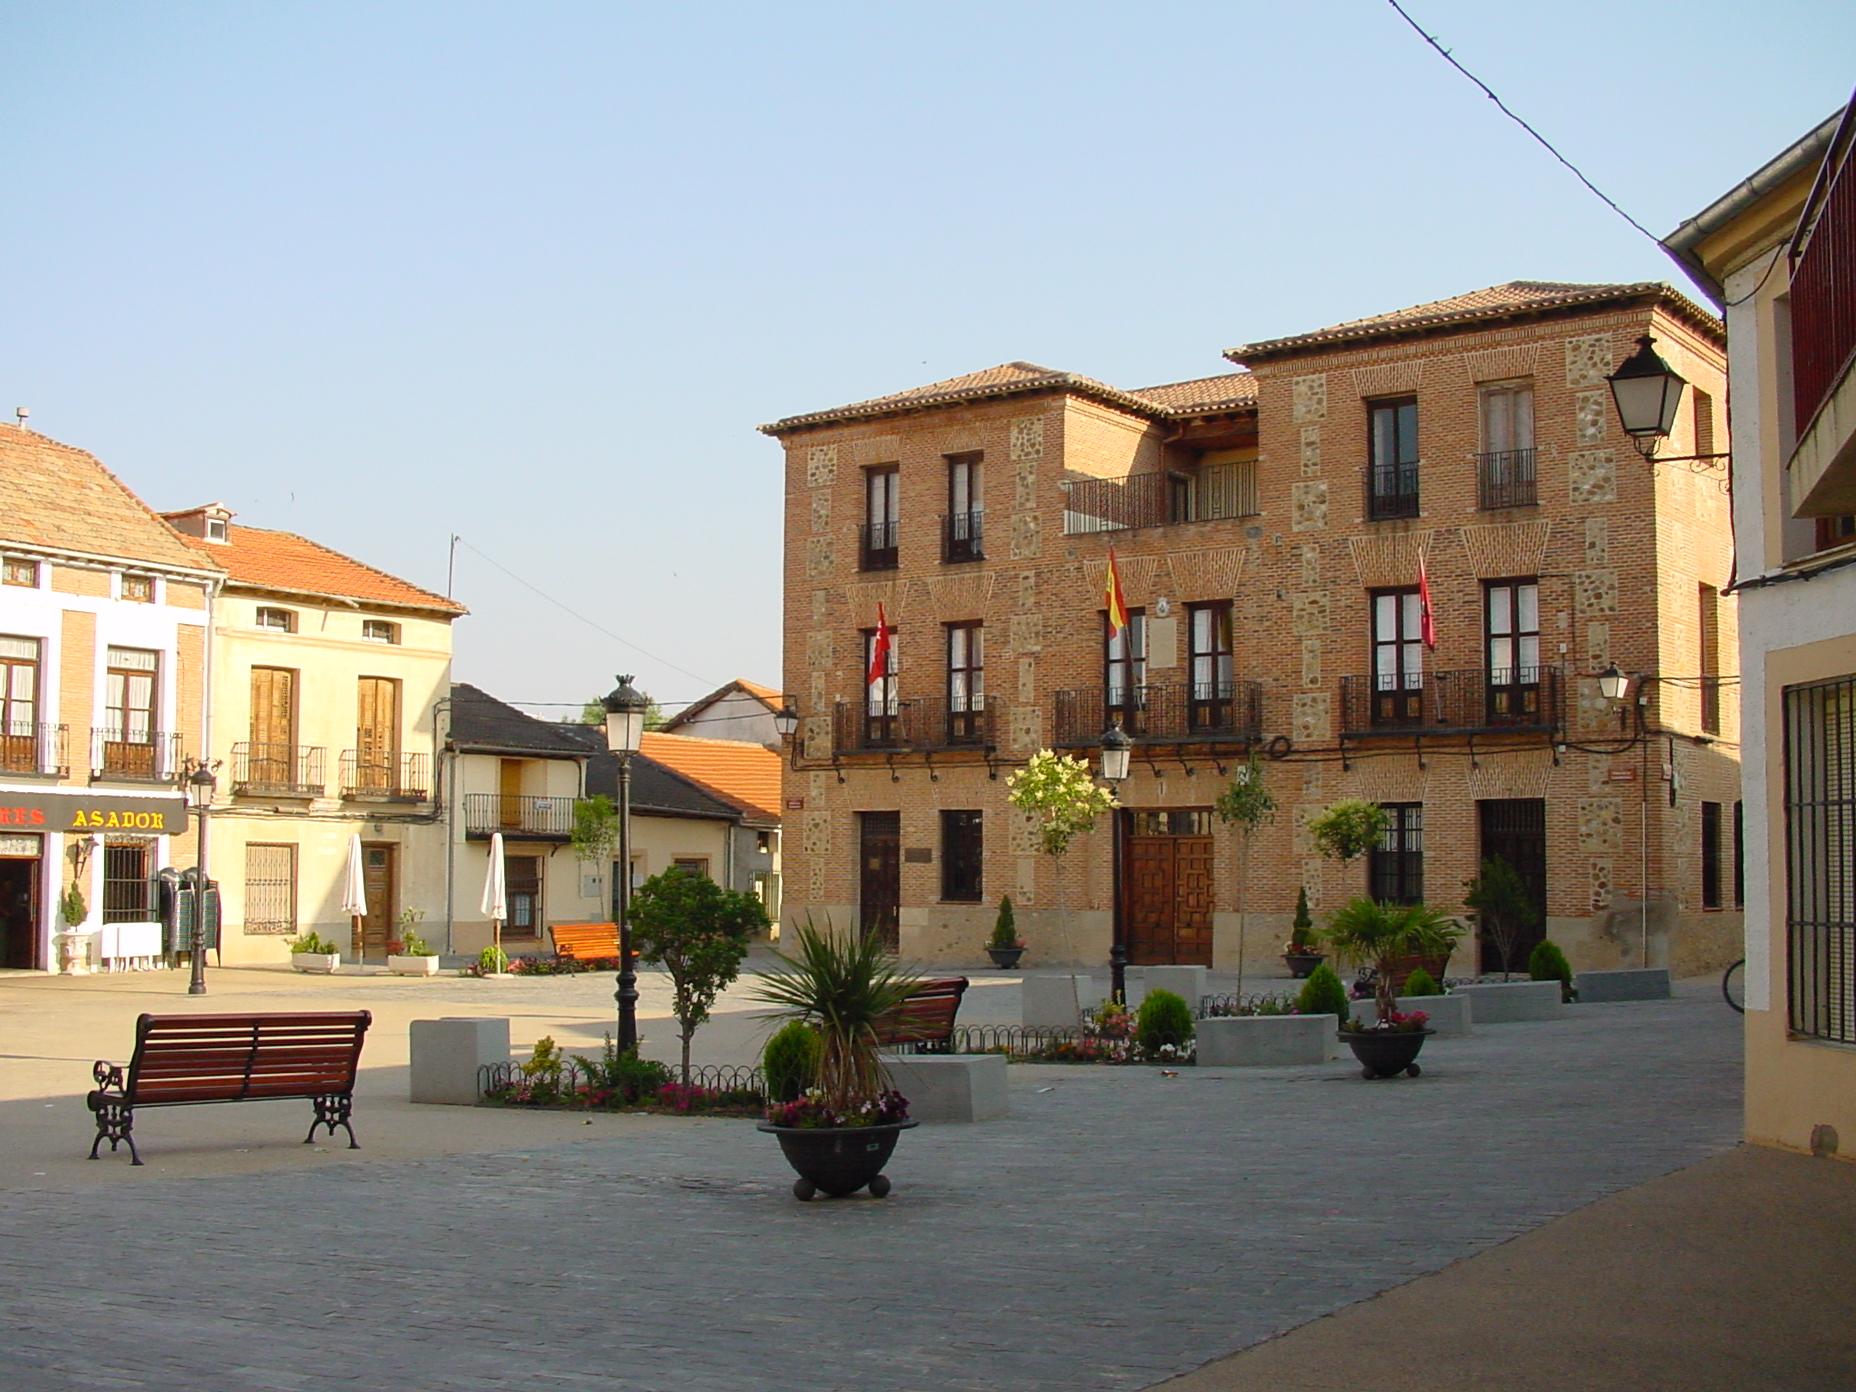 Plaza y ayuntamiento en Valdetorres del Jarama